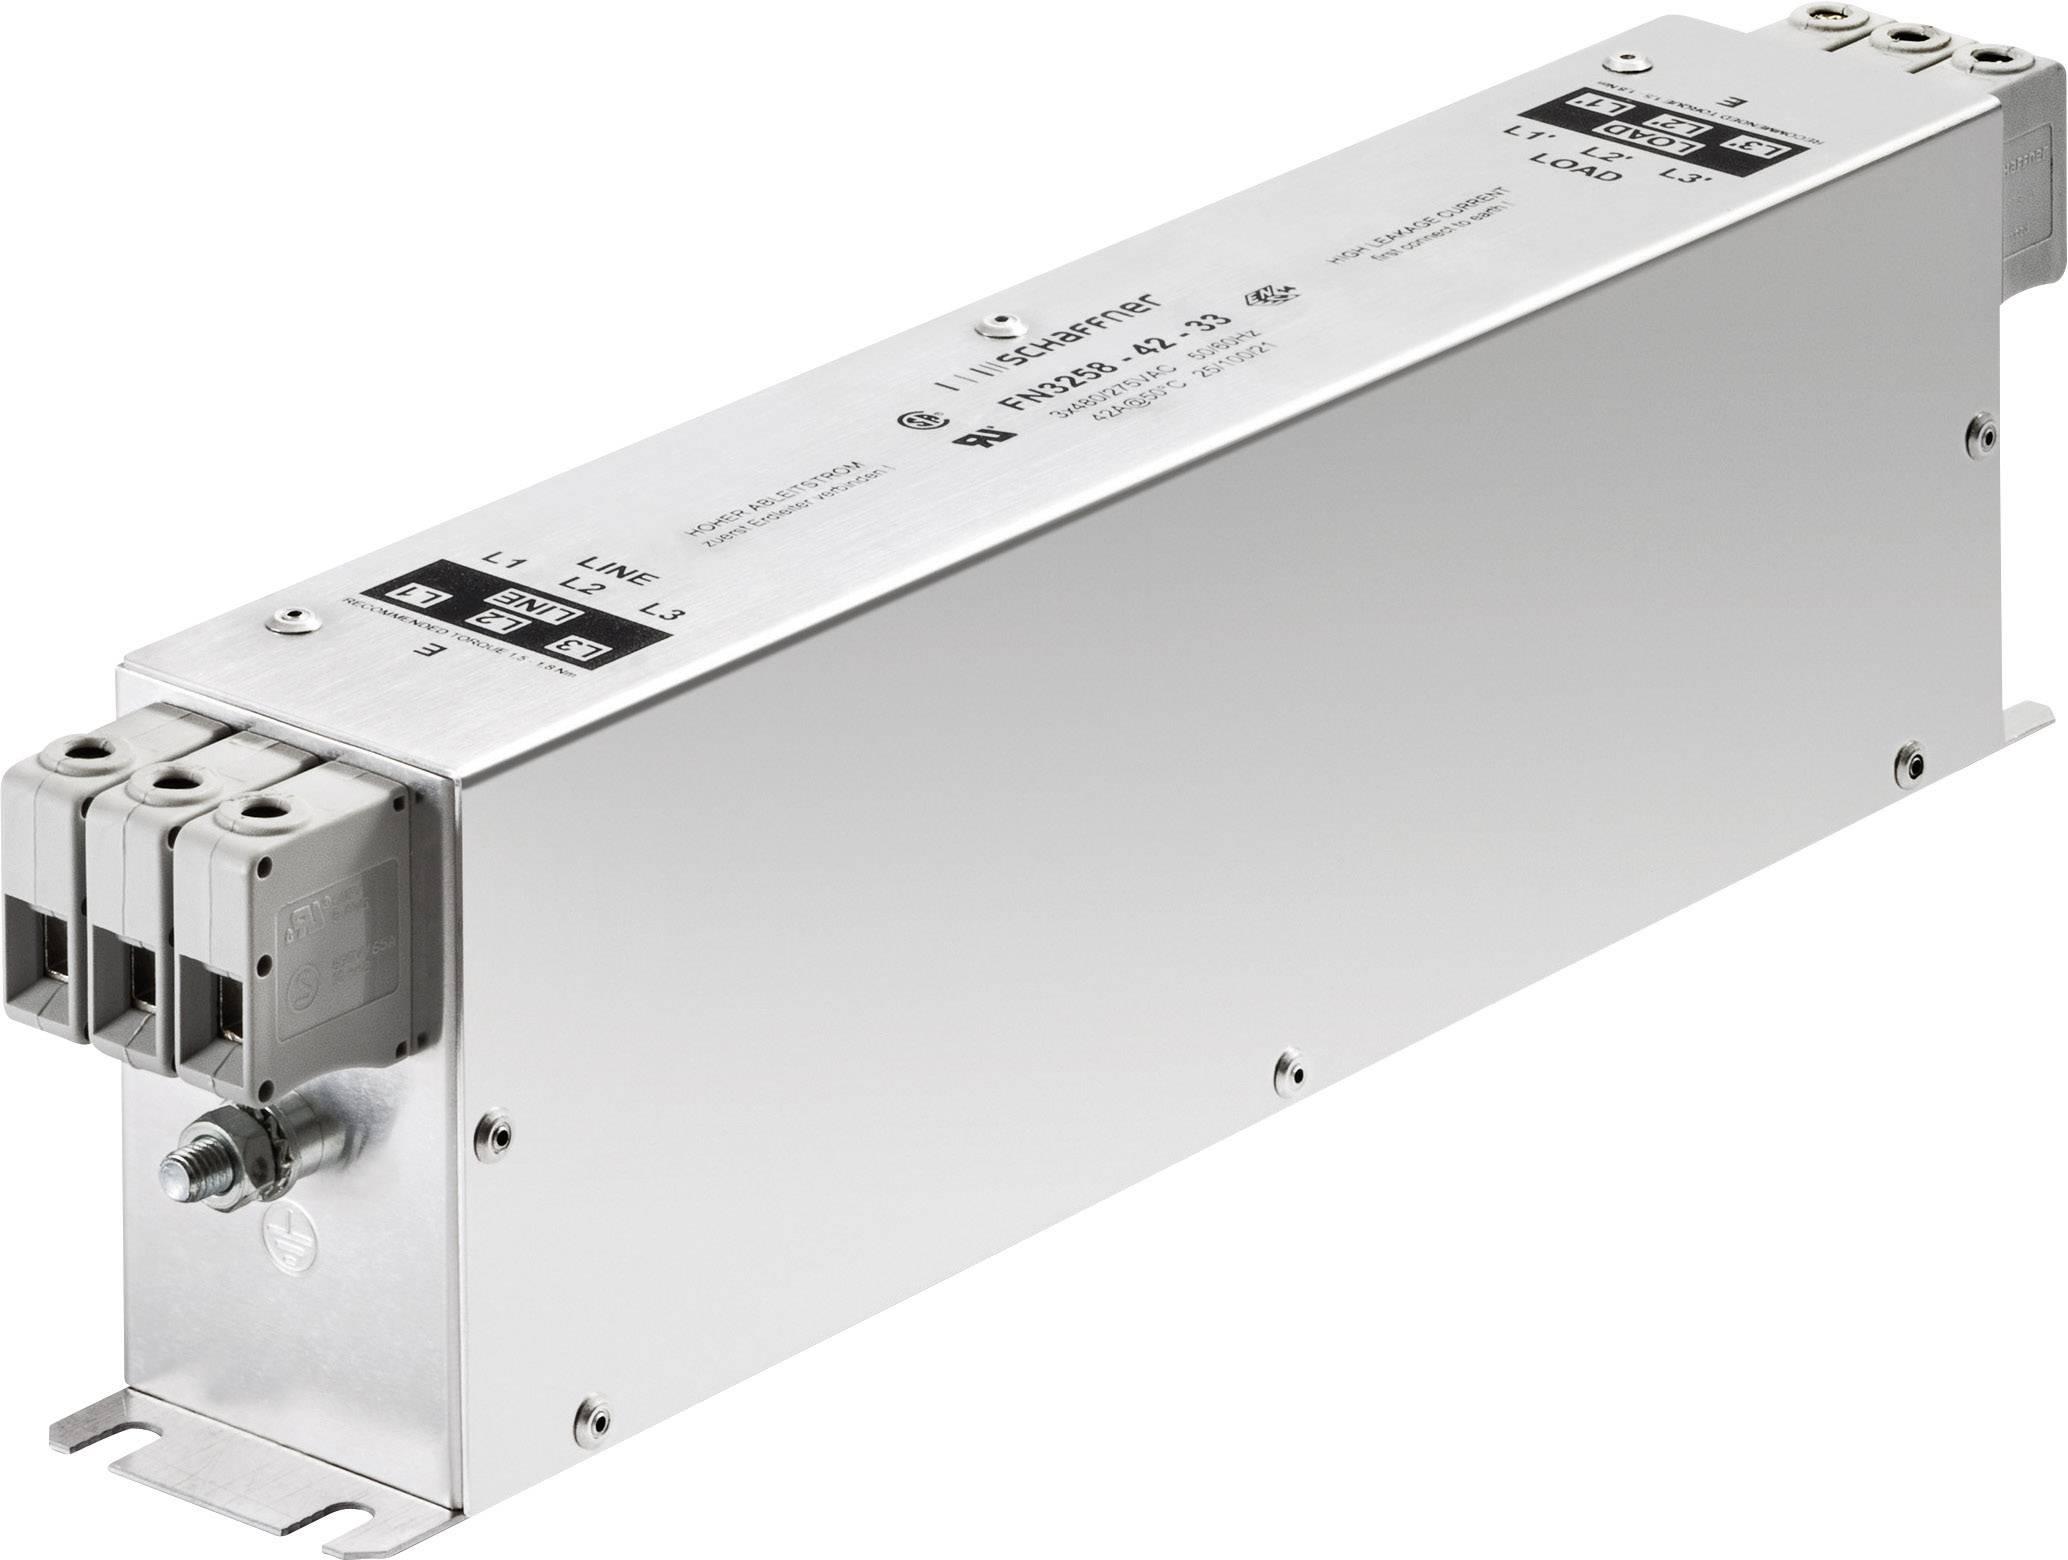 Odrušovací filter Schaffner FN3258-7-44 FN3258-7-44, 277 V/AC, 480 V/AC, 7 A, (d x š x v) 190 x 40 x 70 mm, 1 ks